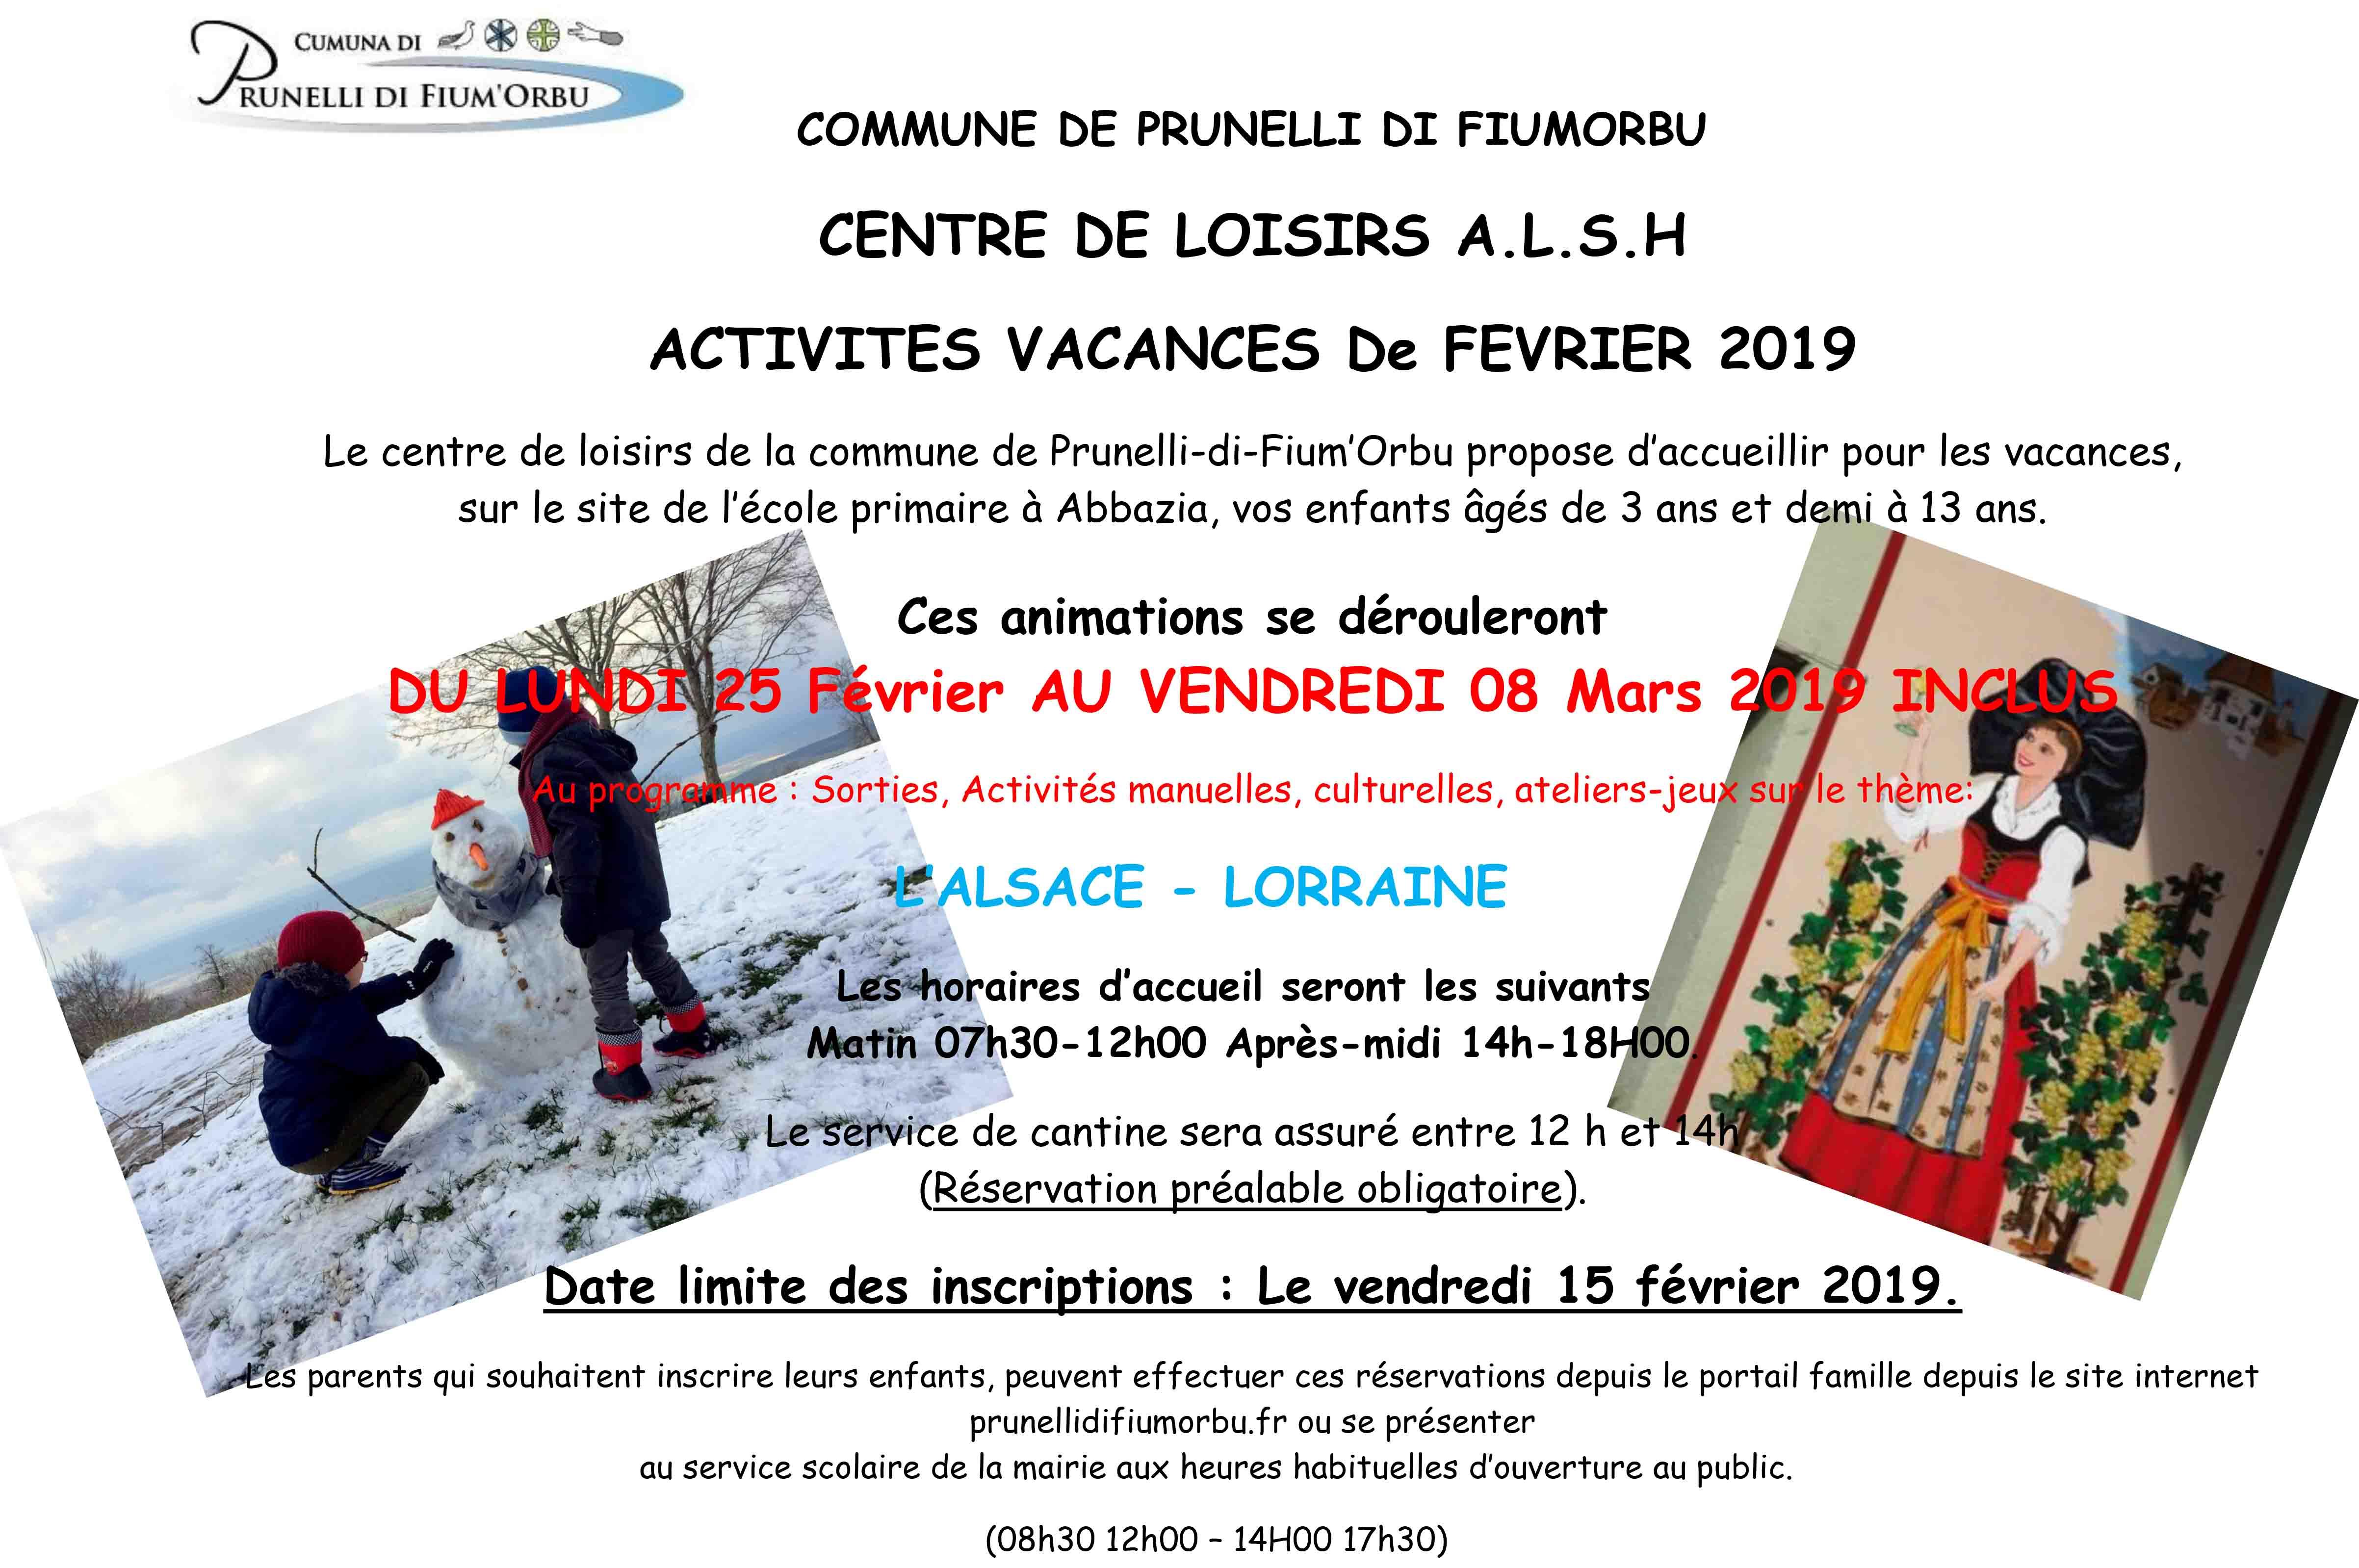 Activités Manuelles Centre De Loisirs 6 10 Ans centre de loisirs alsh - activites vacances de fevrier 2019 - date